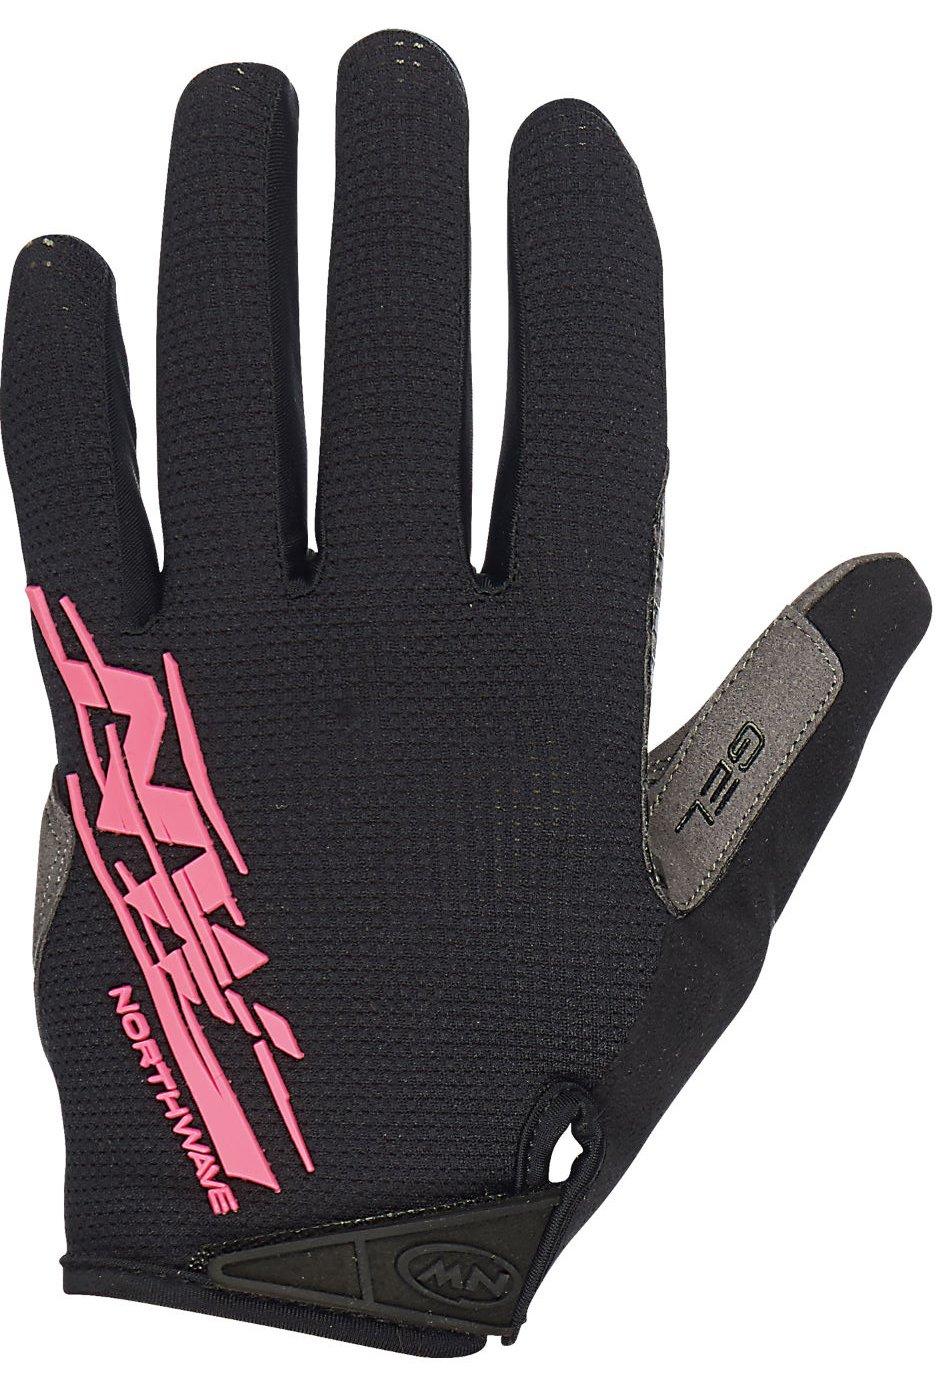 Northwave MTB Air handsker til kvinder sort/blå   Gloves